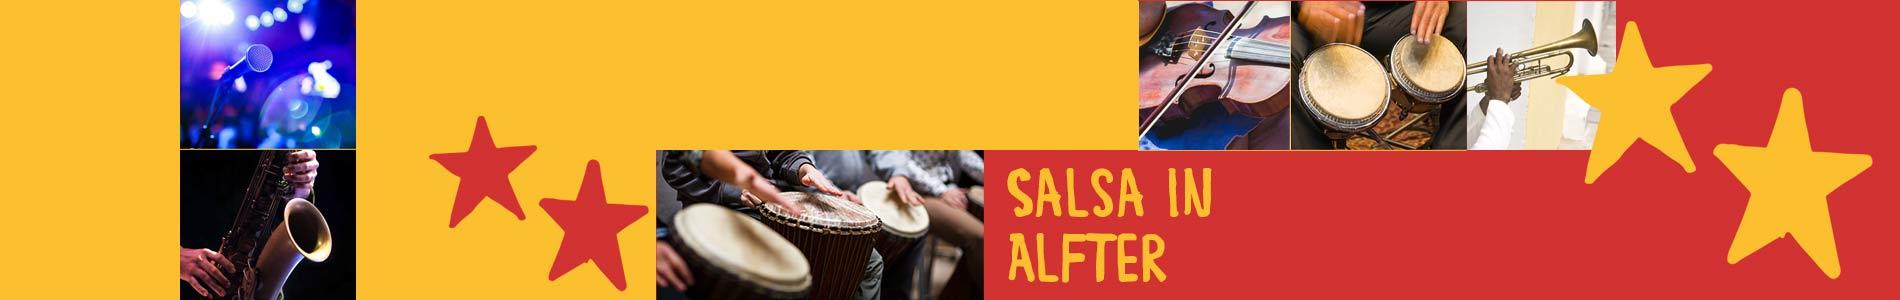 Salsa in Alfter – Salsa lernen und tanzen, Tanzkurse, Partys, Veranstaltungen